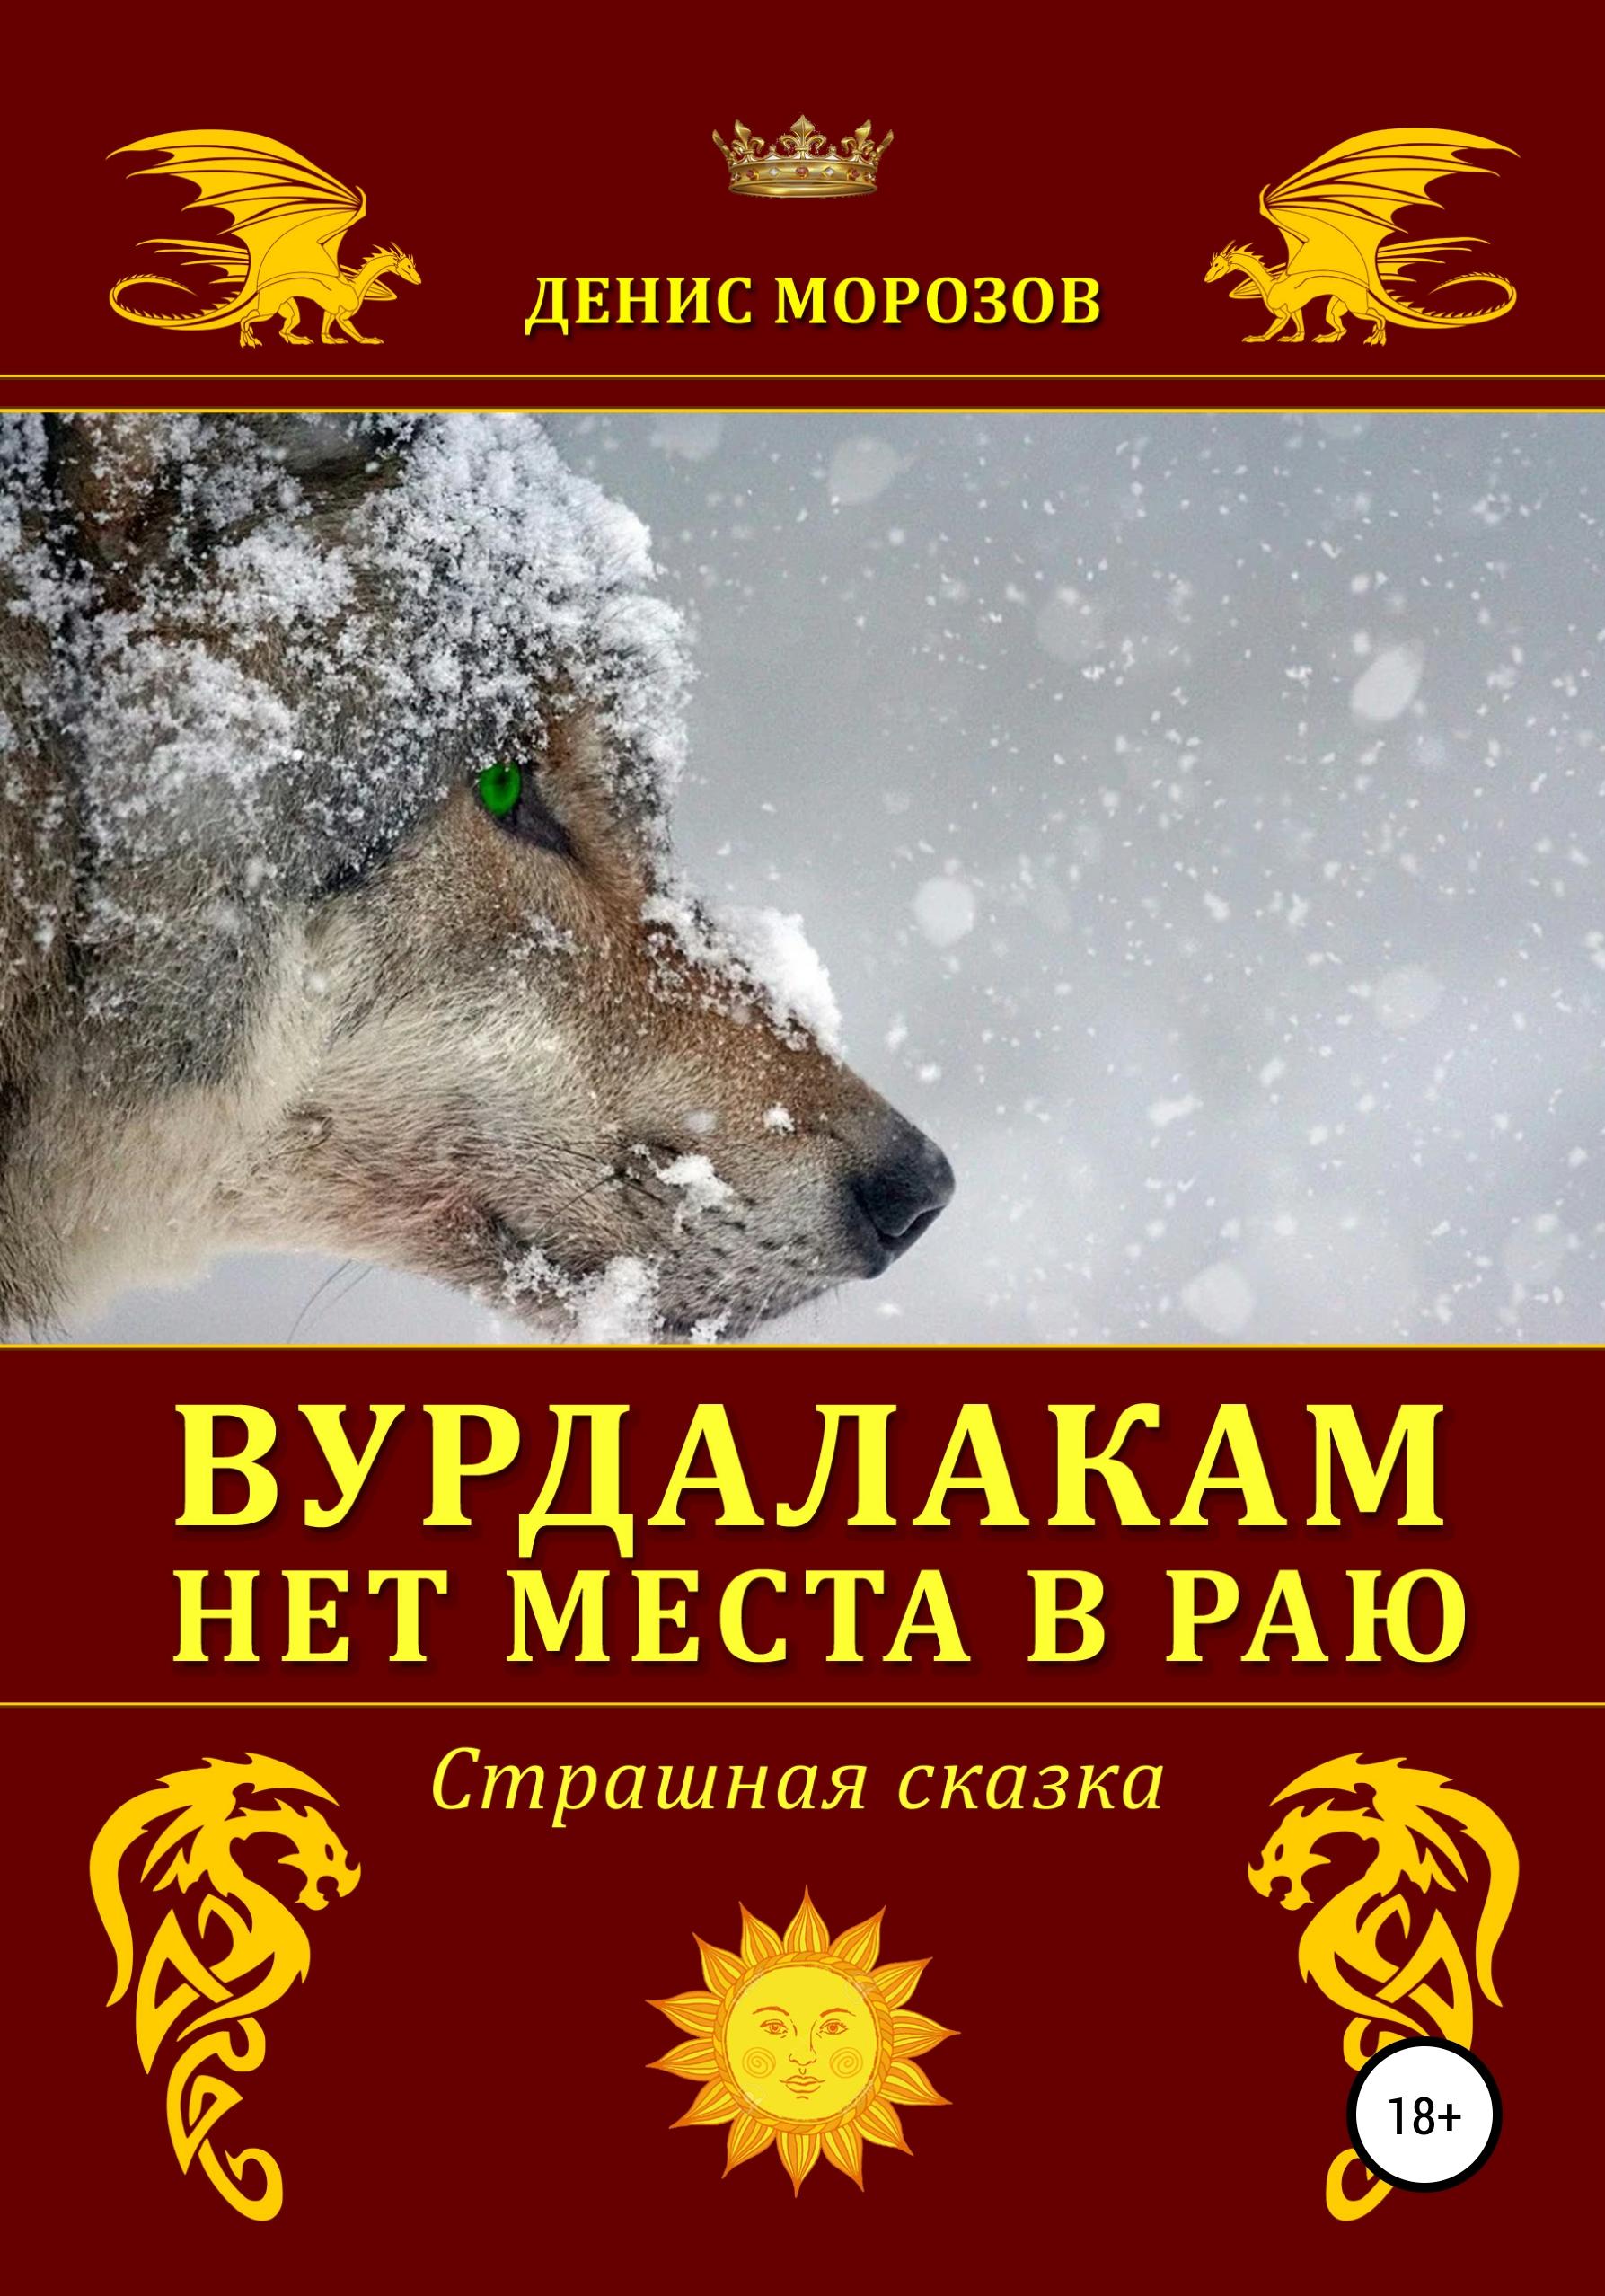 Купить книгу Вурдалакам нет места в раю, автора Дениса Владимировича Морозова